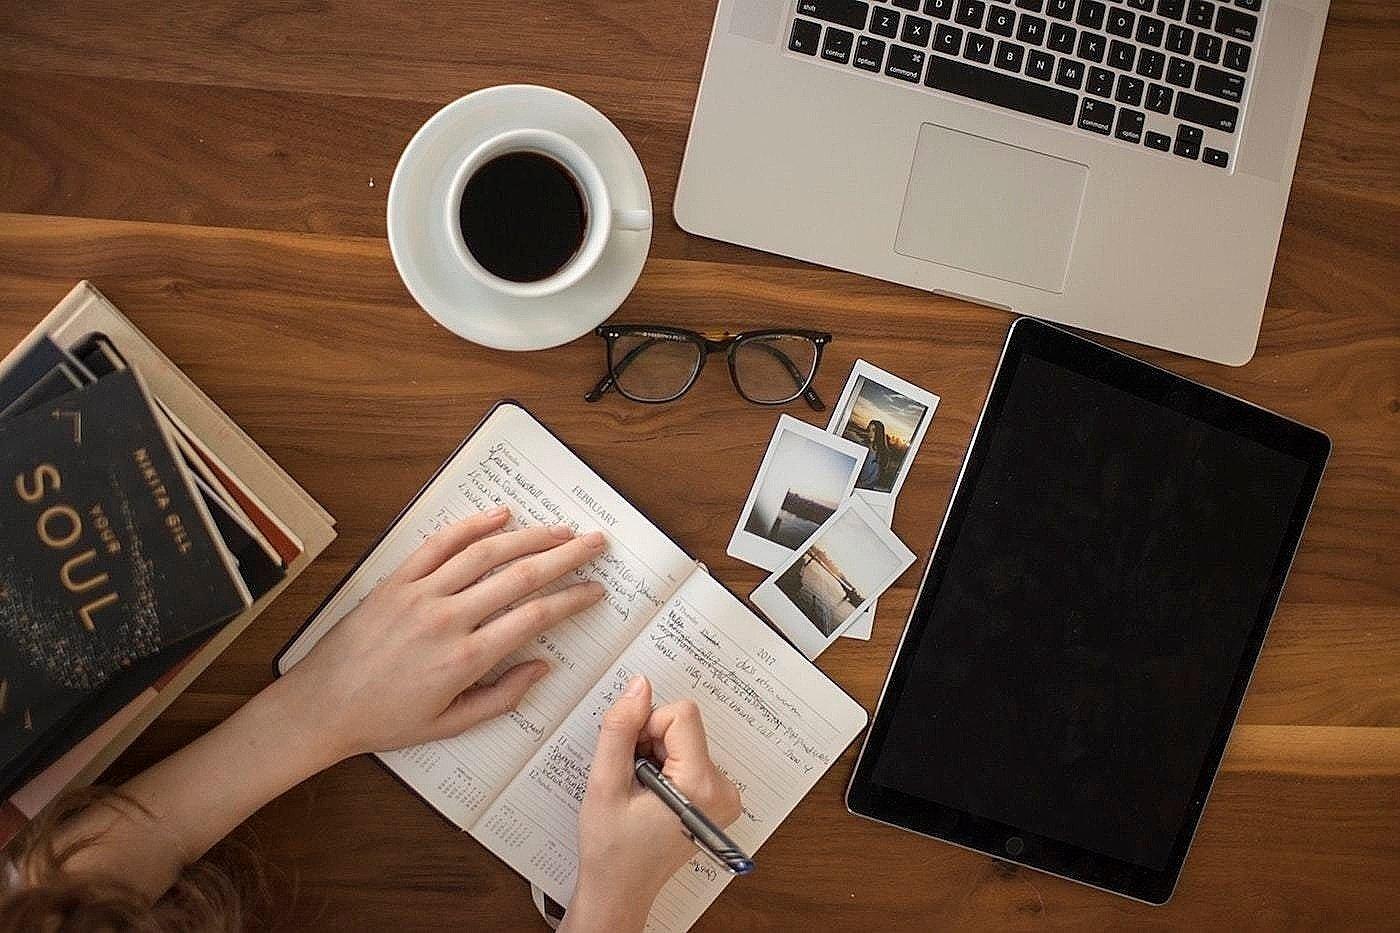 Spisovatelský blok: Tipy, jak porazit kreativní paralýzu